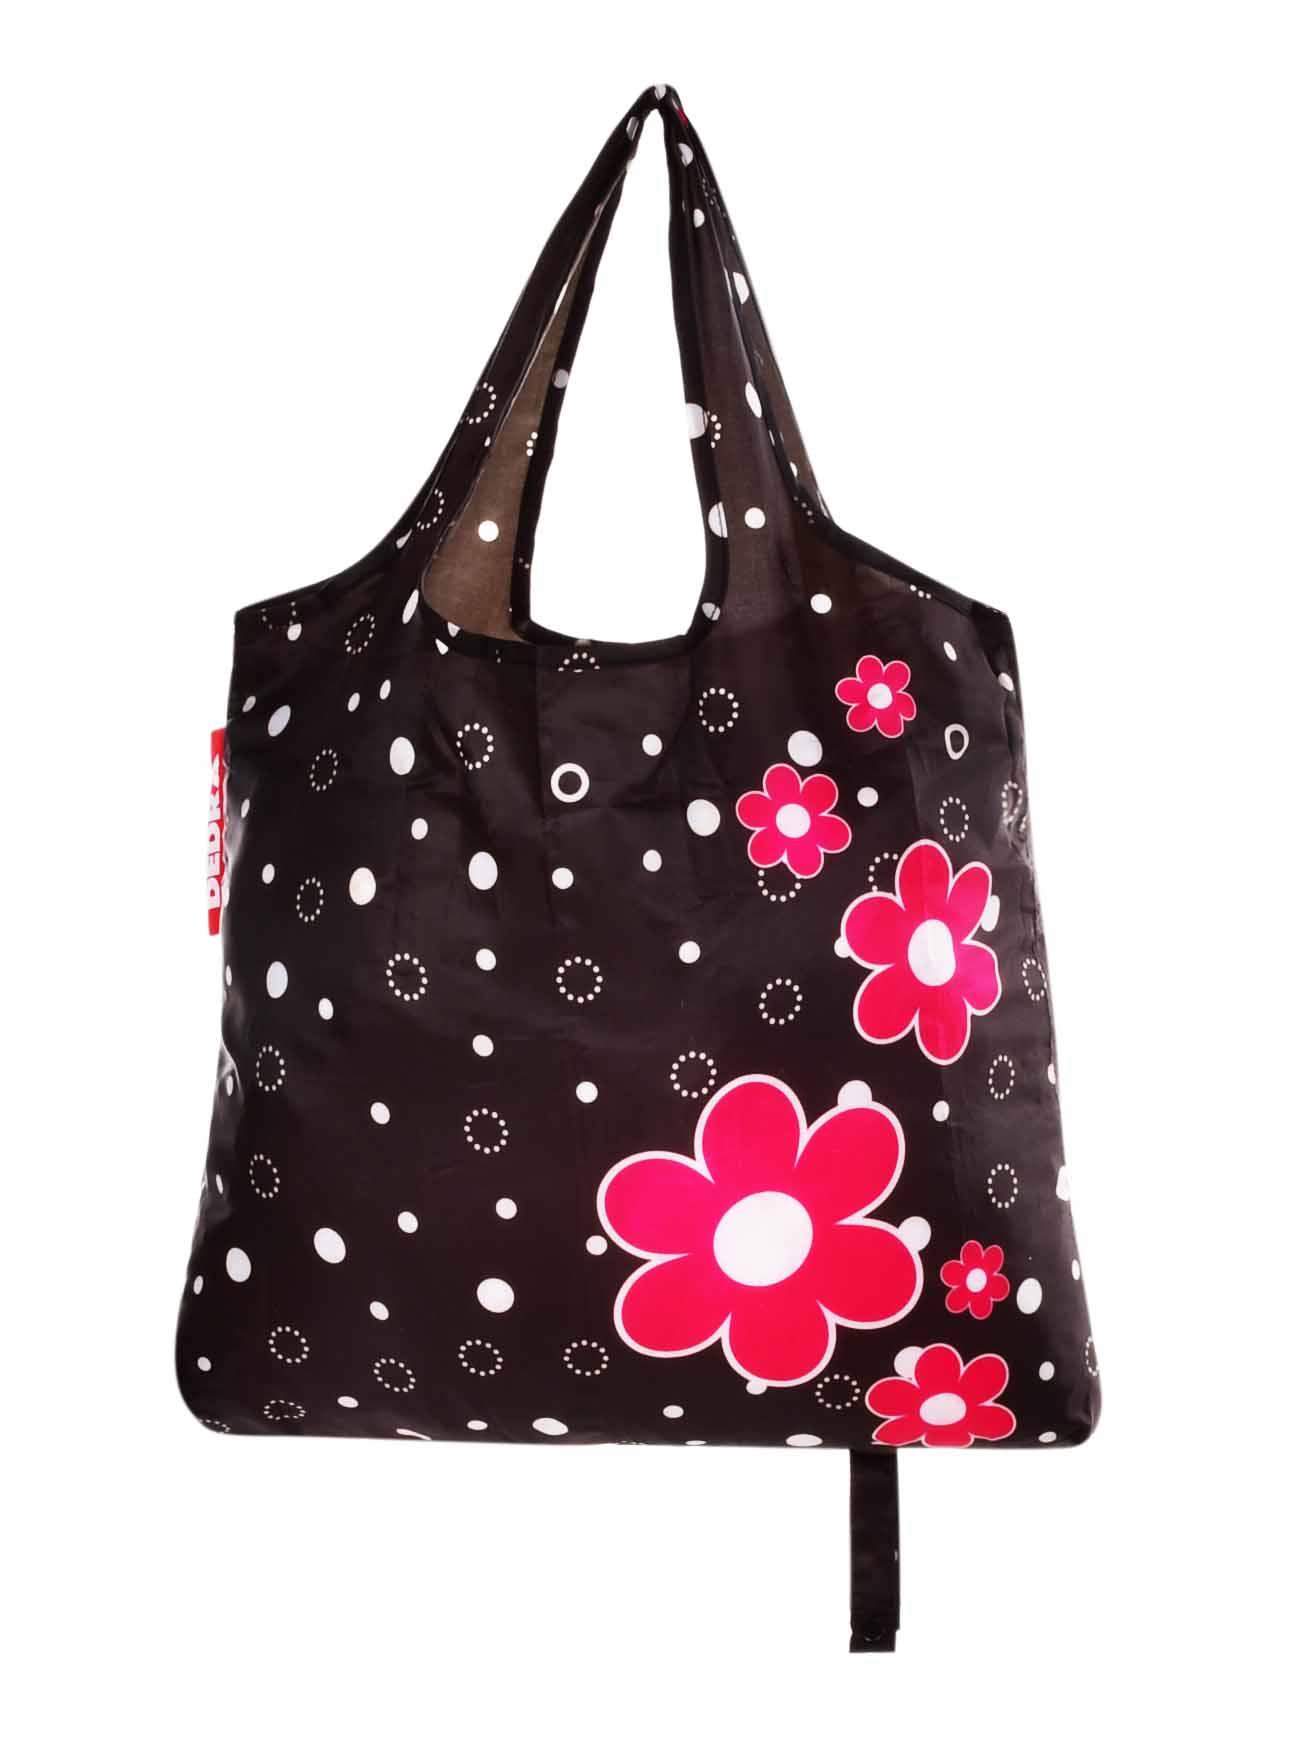 Nákupní skládací taška k opakovanému použití, CITYBAG DAISY FLOWERS